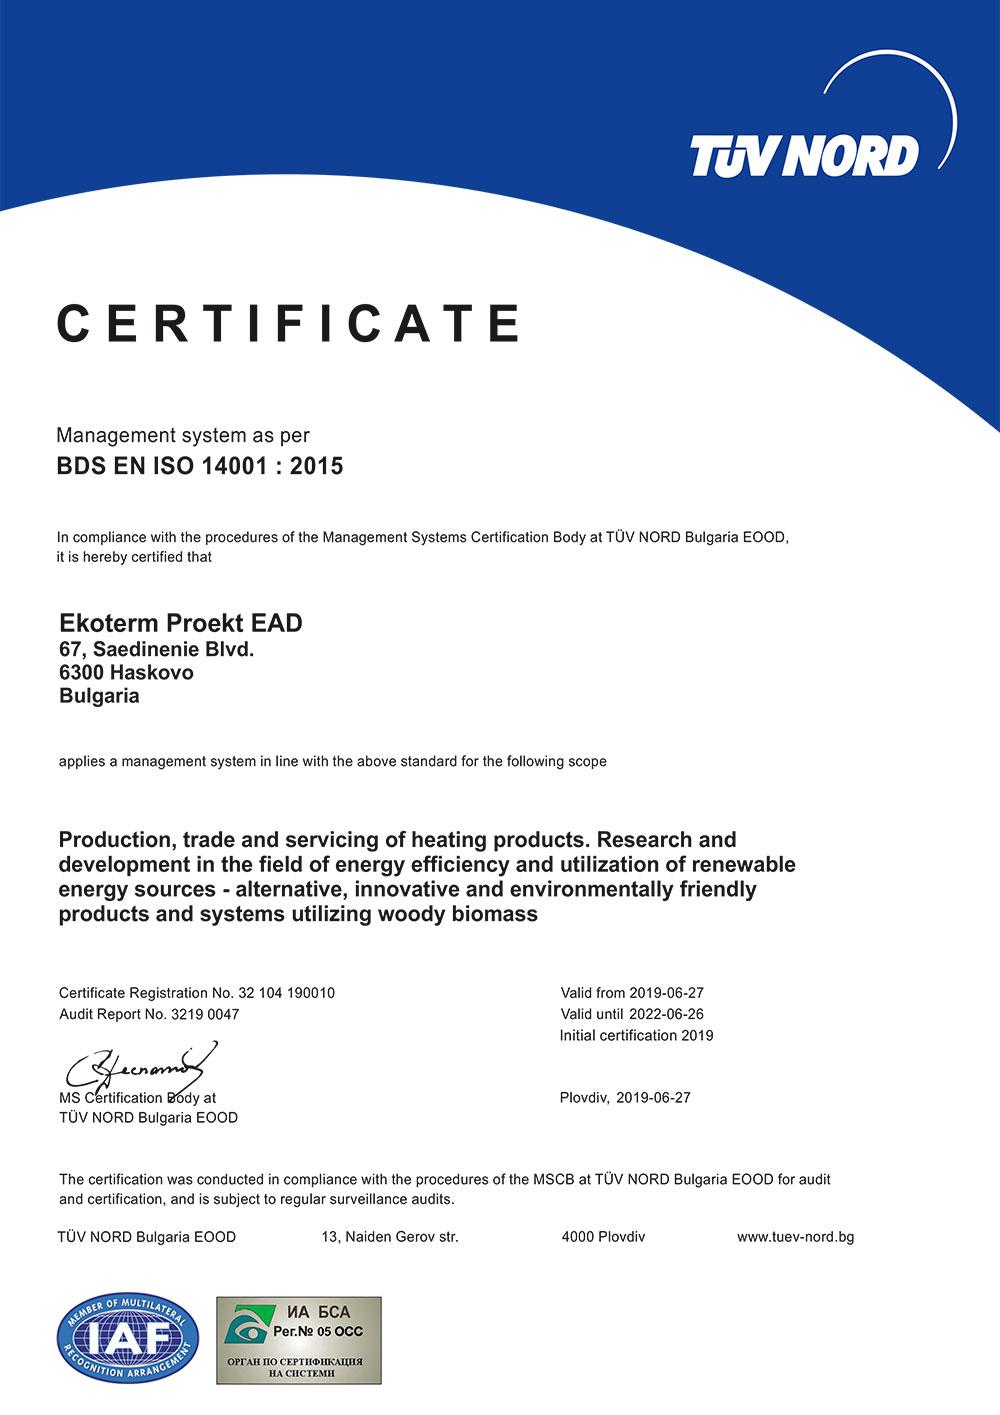 BSA1-190010-Ekoterm-Proekt-en-UM